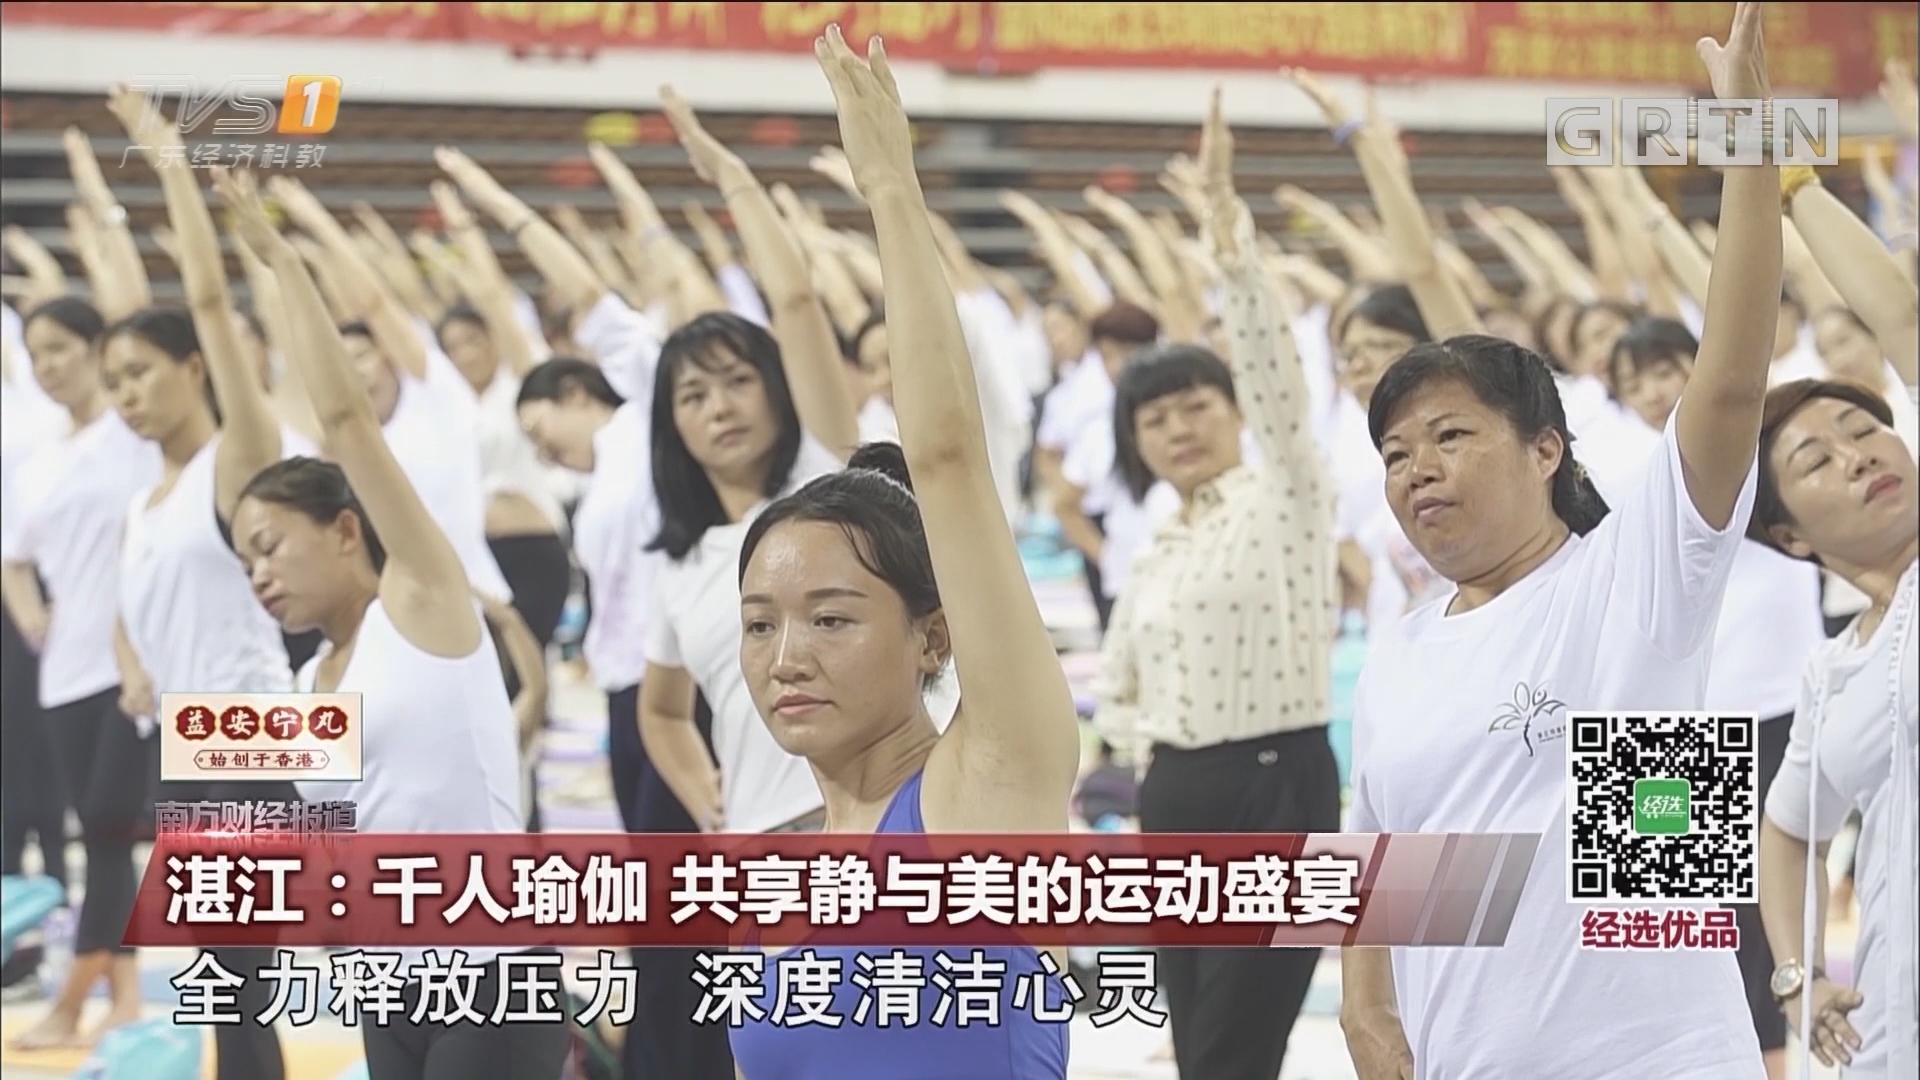 湛江:千人瑜伽 共享静与美的运动盛宴